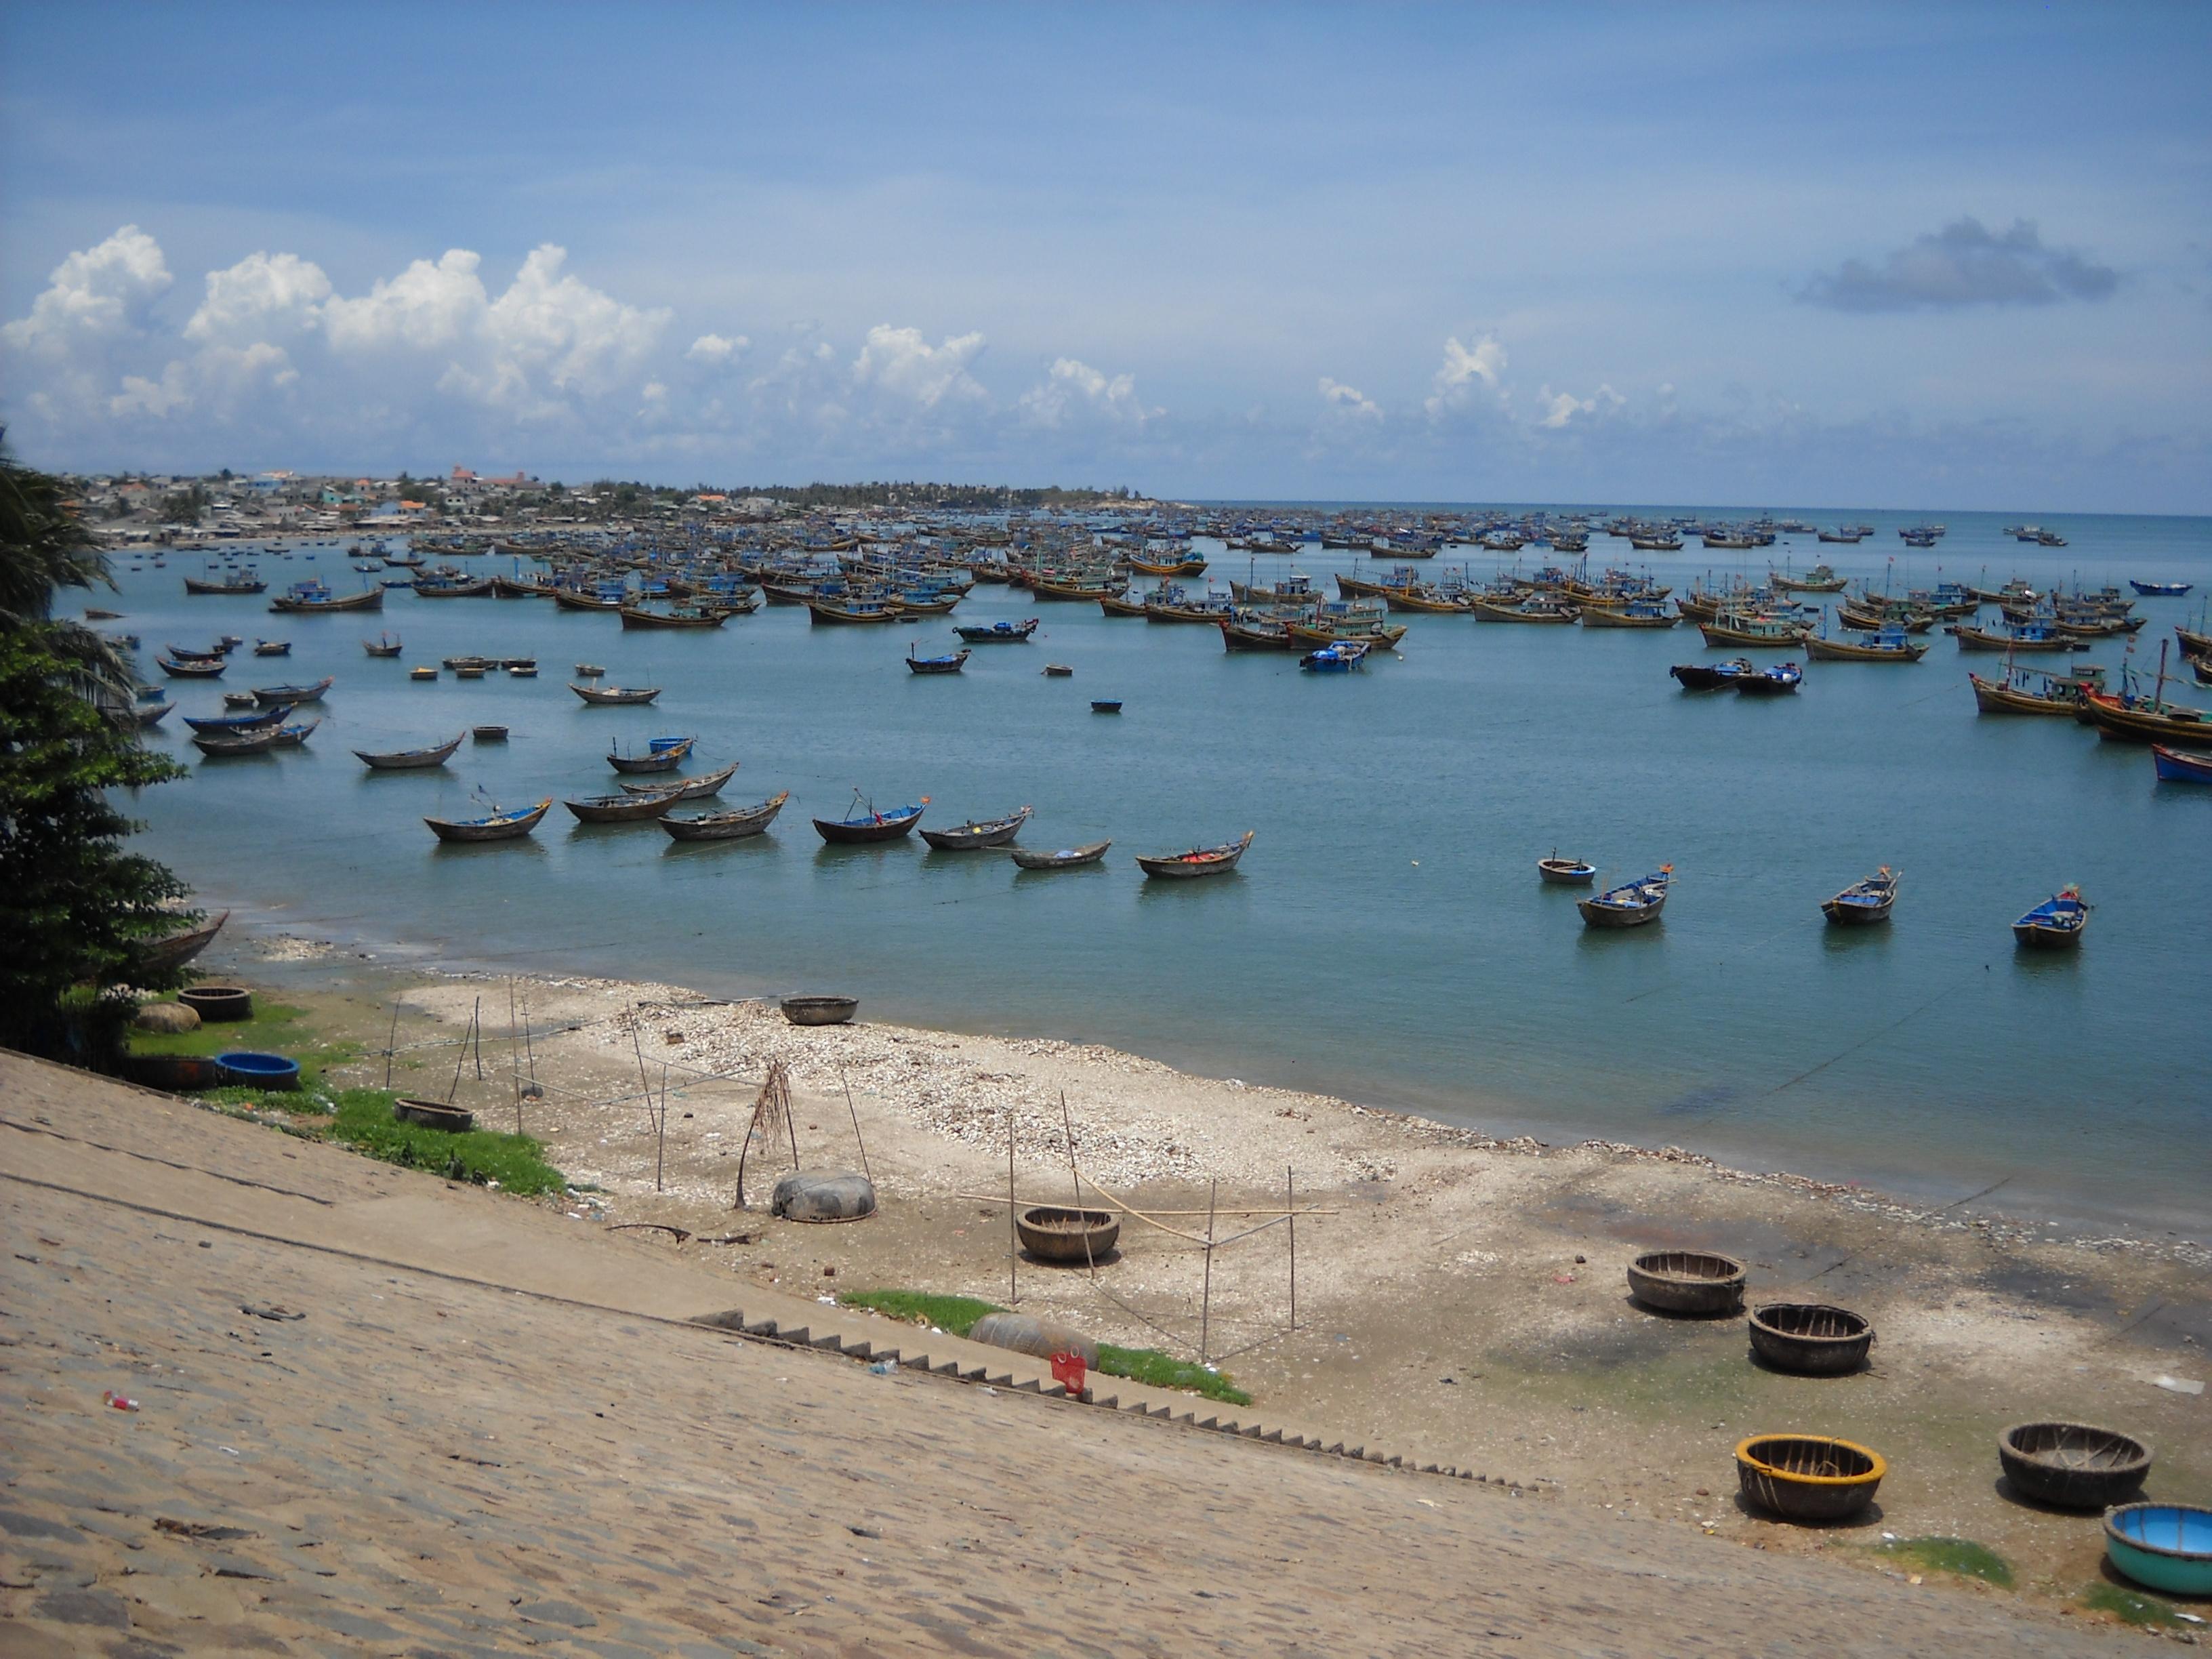 Bán nhớt Liqui Moly chính hãng tại Bình Thuận